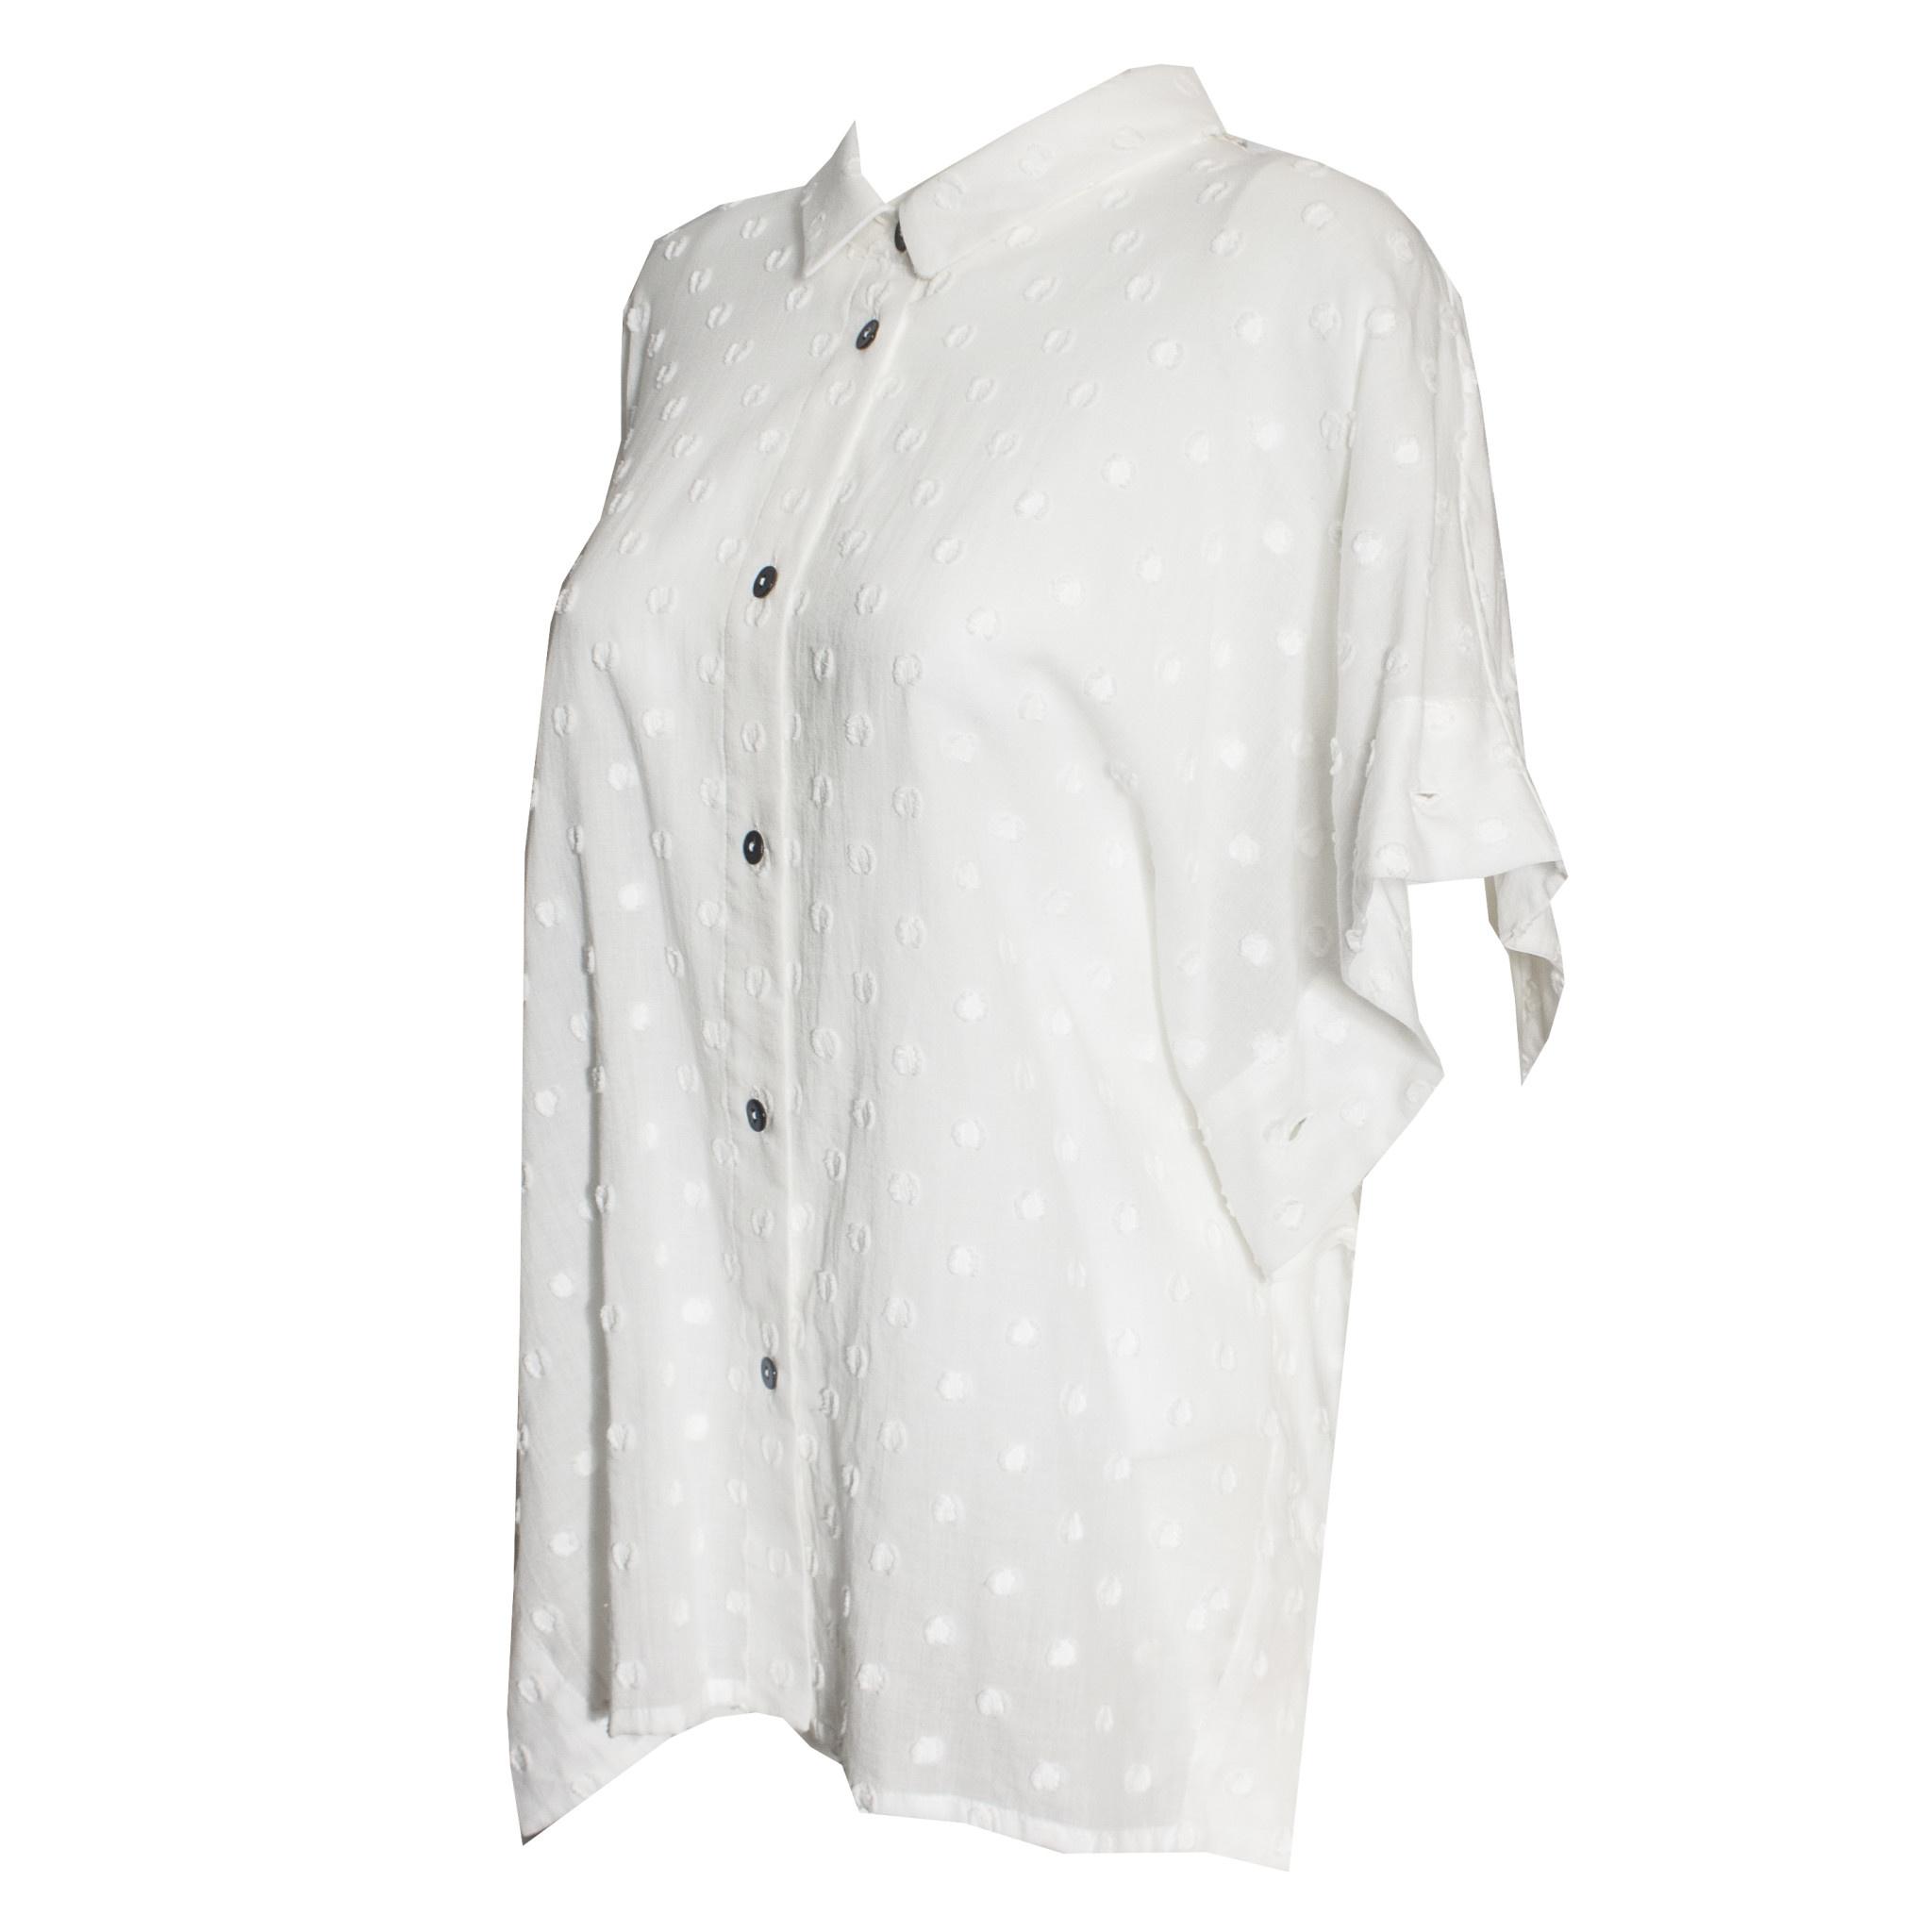 Crea Concept Crea Concept Poncho Shirt - Cream